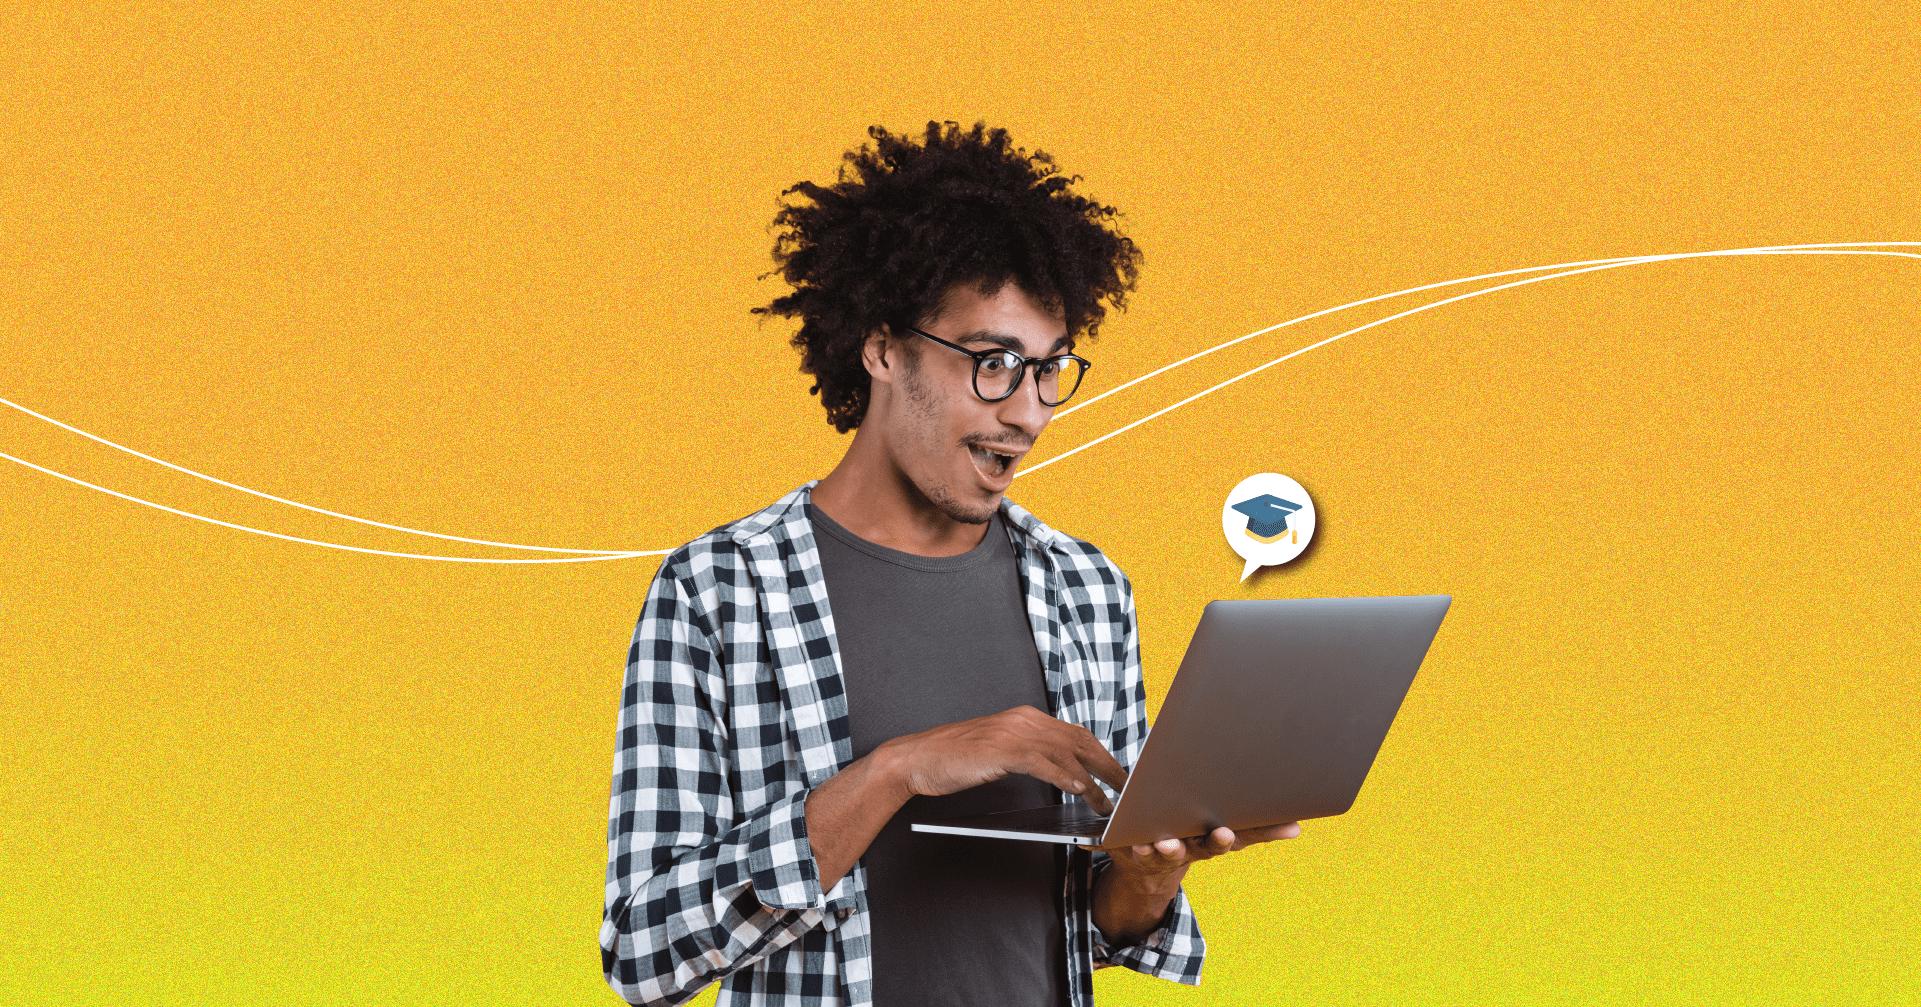 Como vender curso presencial pela internet: 8 dicas para captar mais alunos - Rubeus